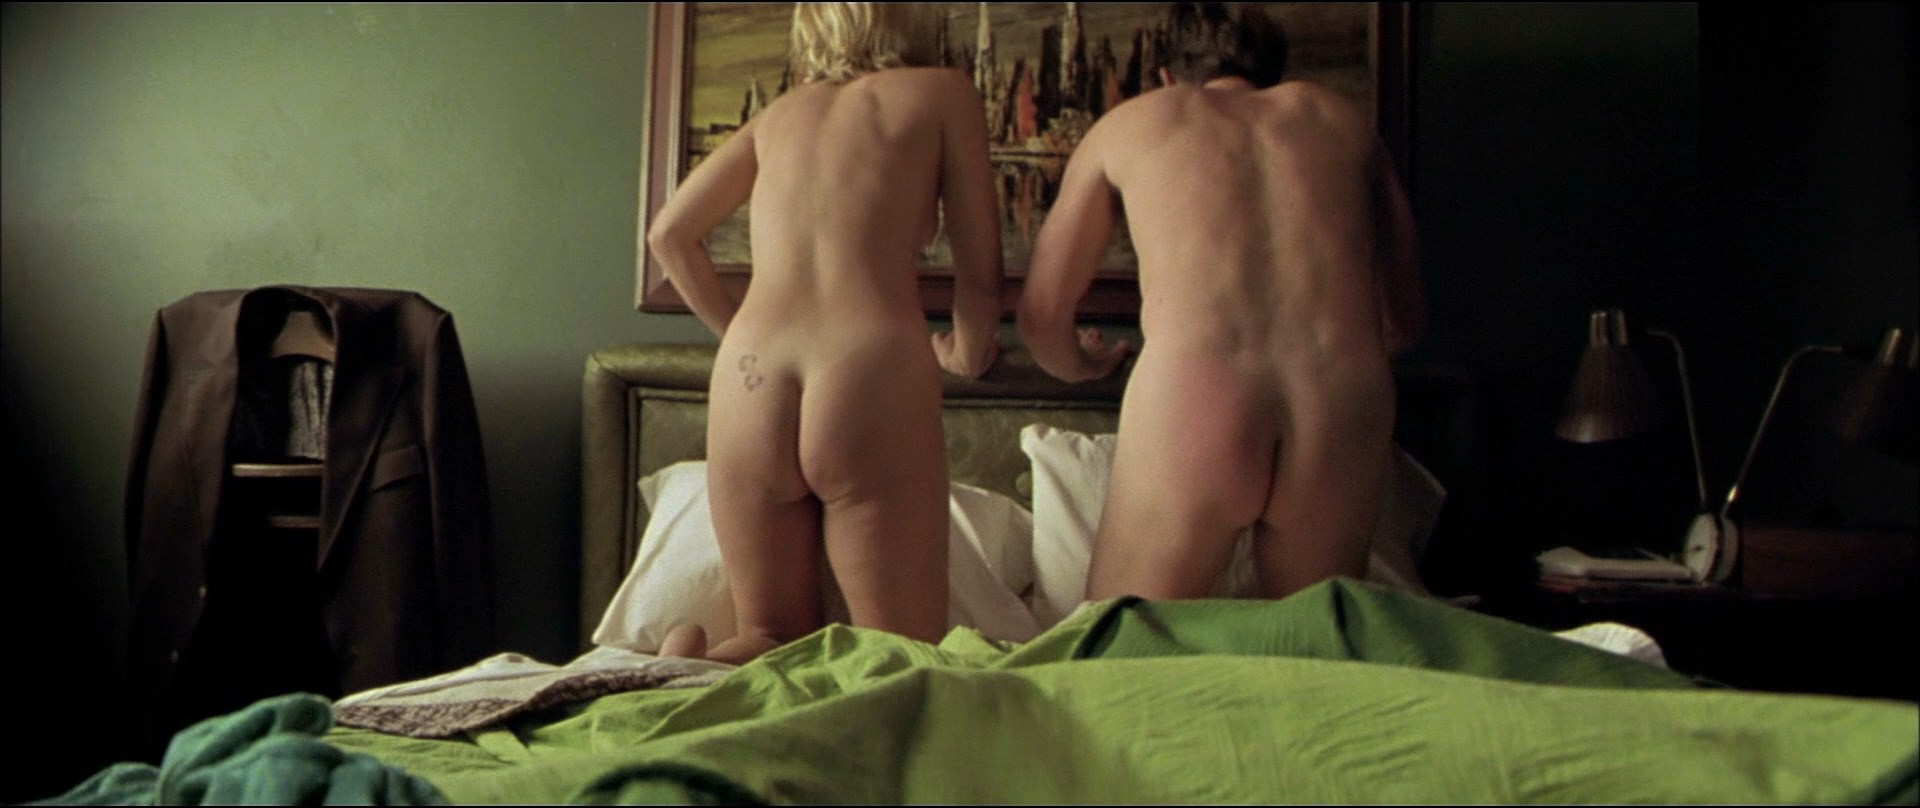 Sexy nude maria bello girls ass mirror